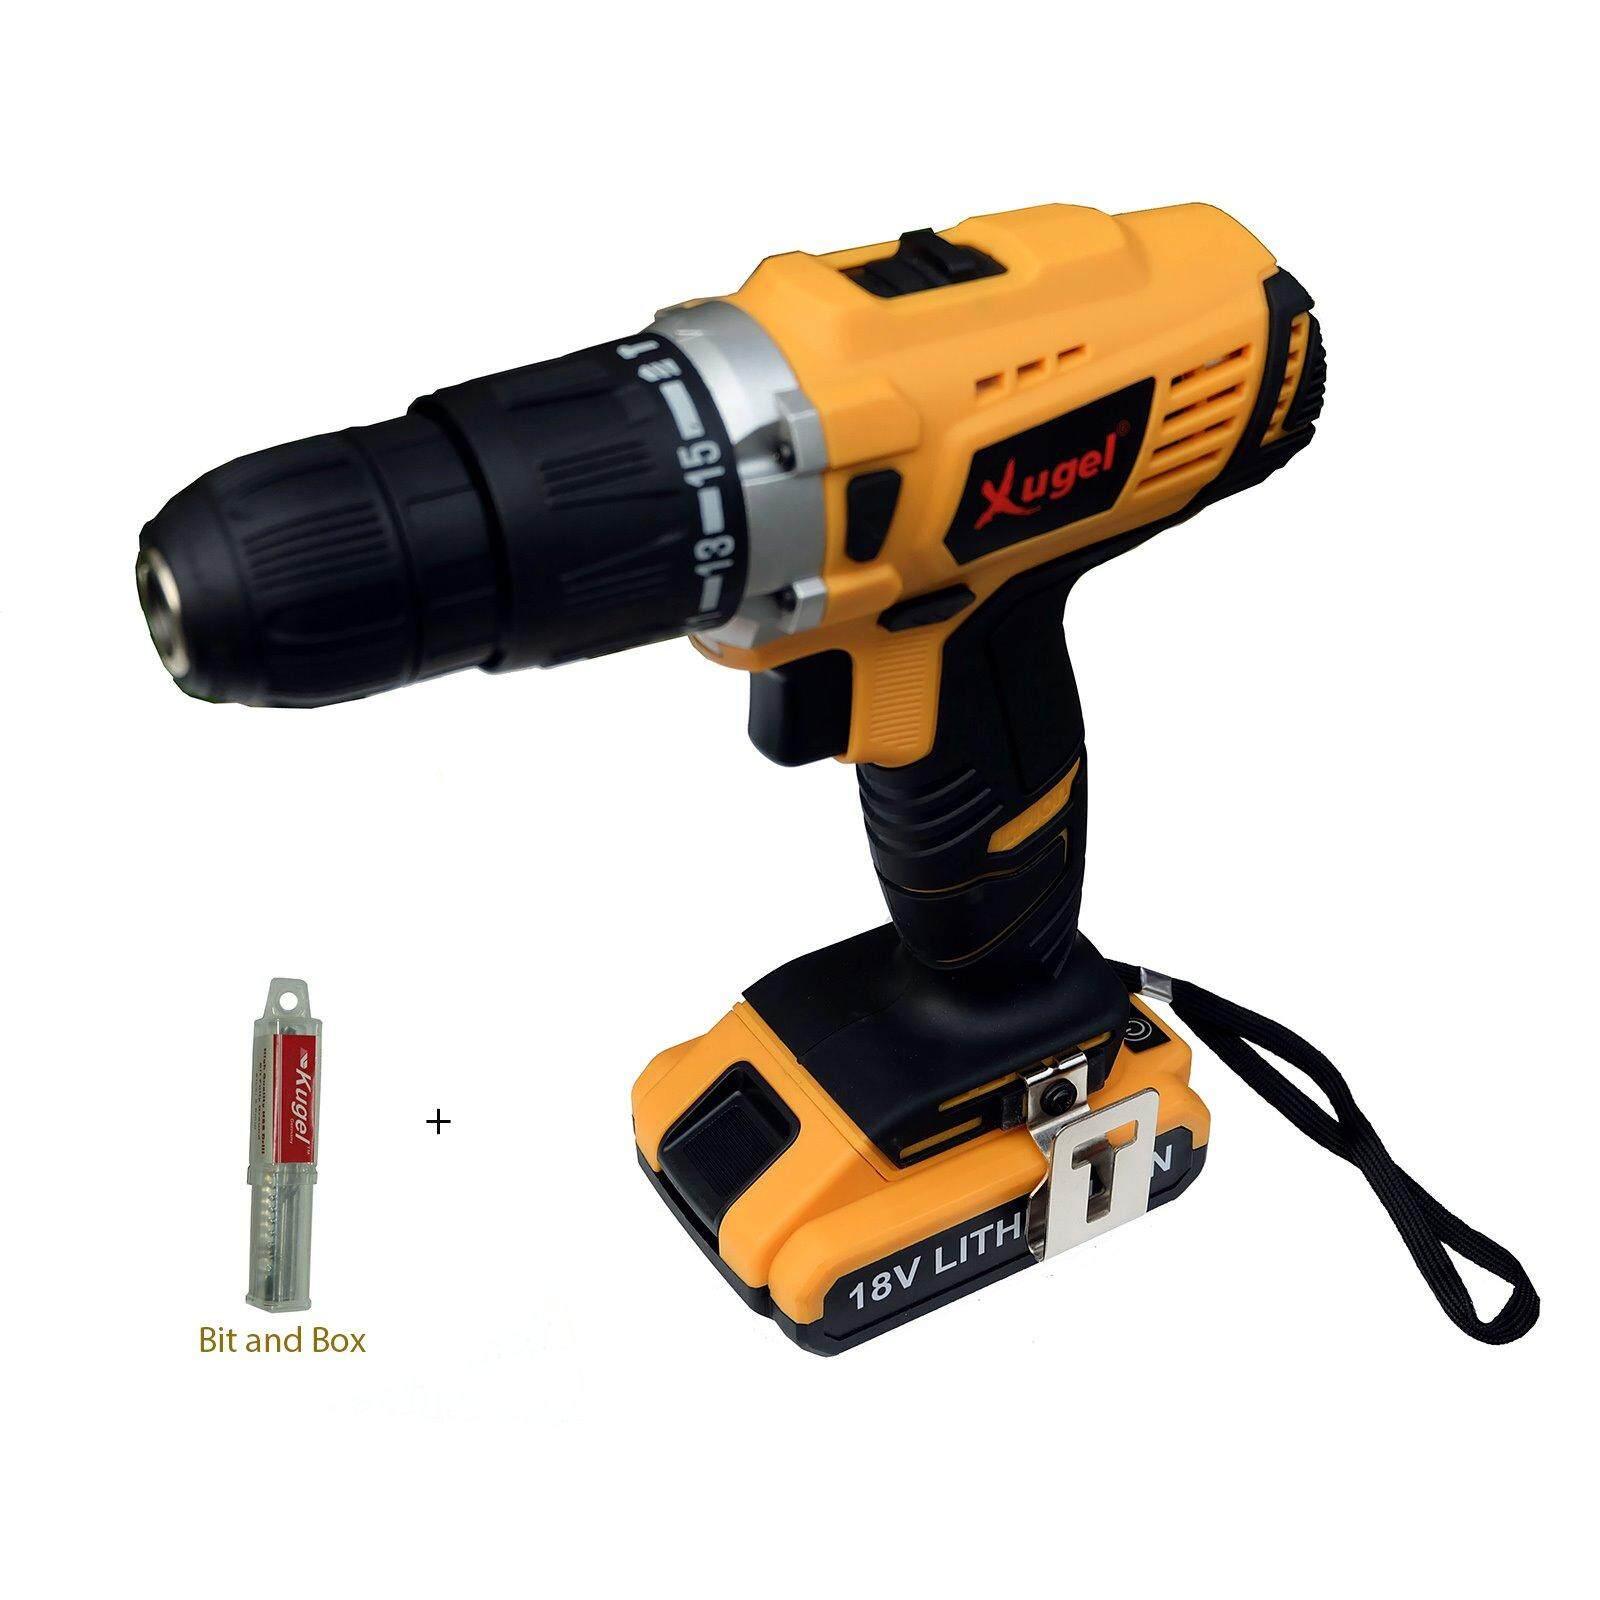 Fitur Stanley Sch20c2k 18v Cordless Hammer Drill Battery Brushless Xugel Li Ion Impact Ke1017